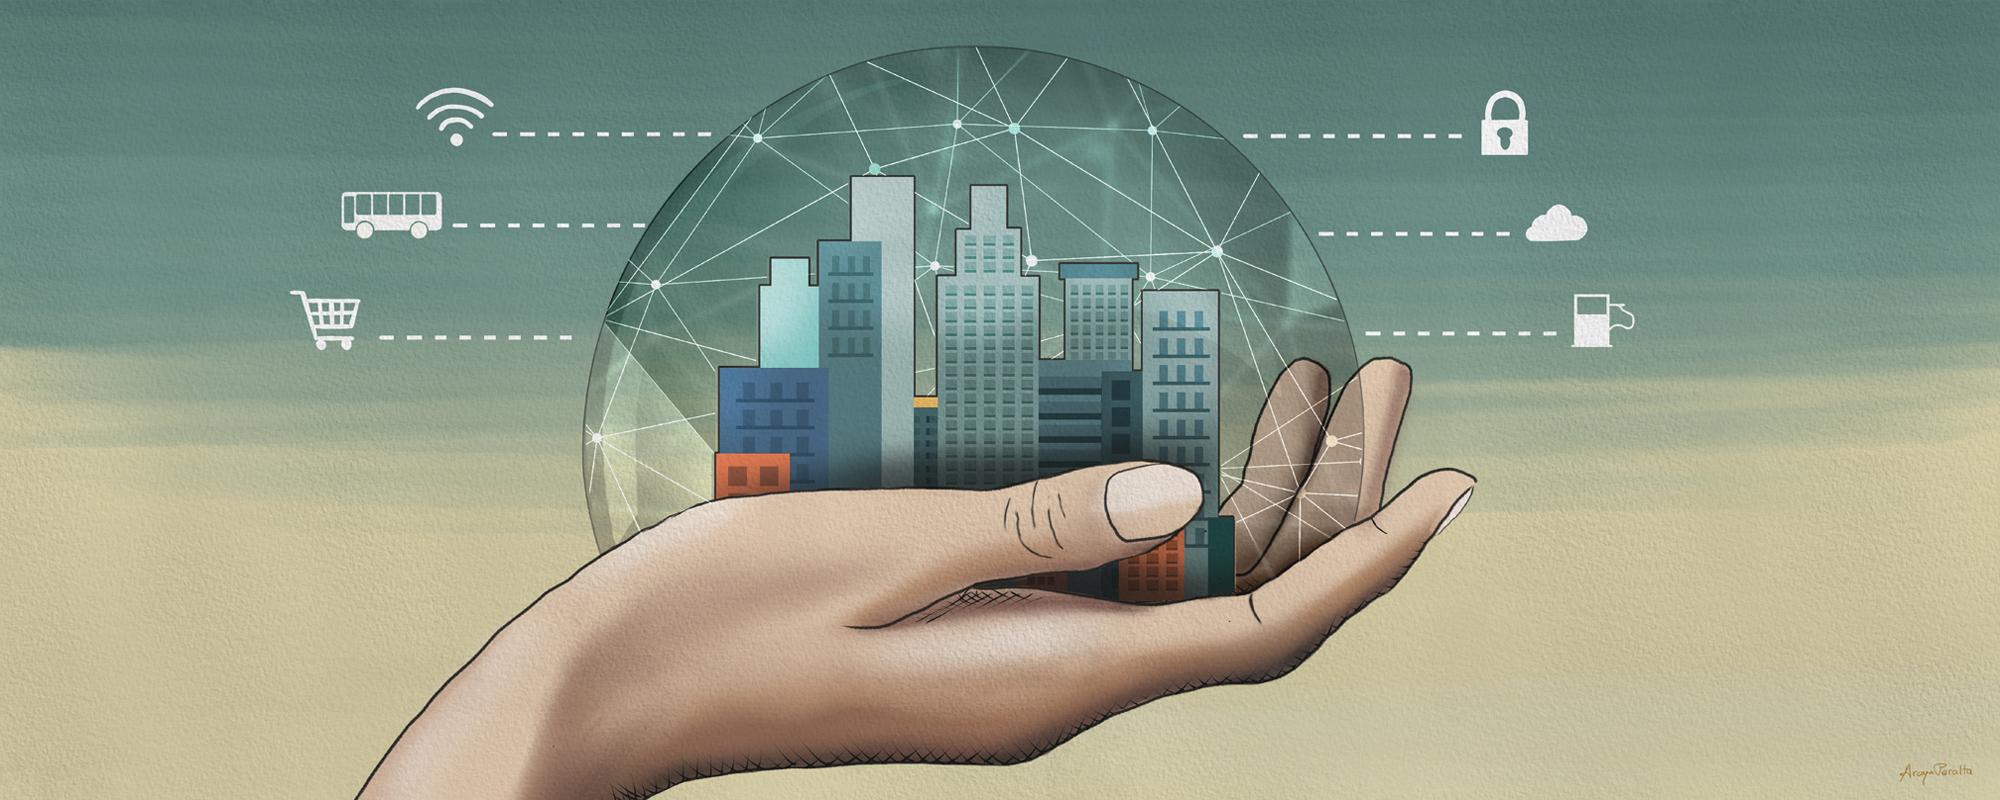 La_intel·ligencia_artificial_a_les_ciutats_revista_IDEES